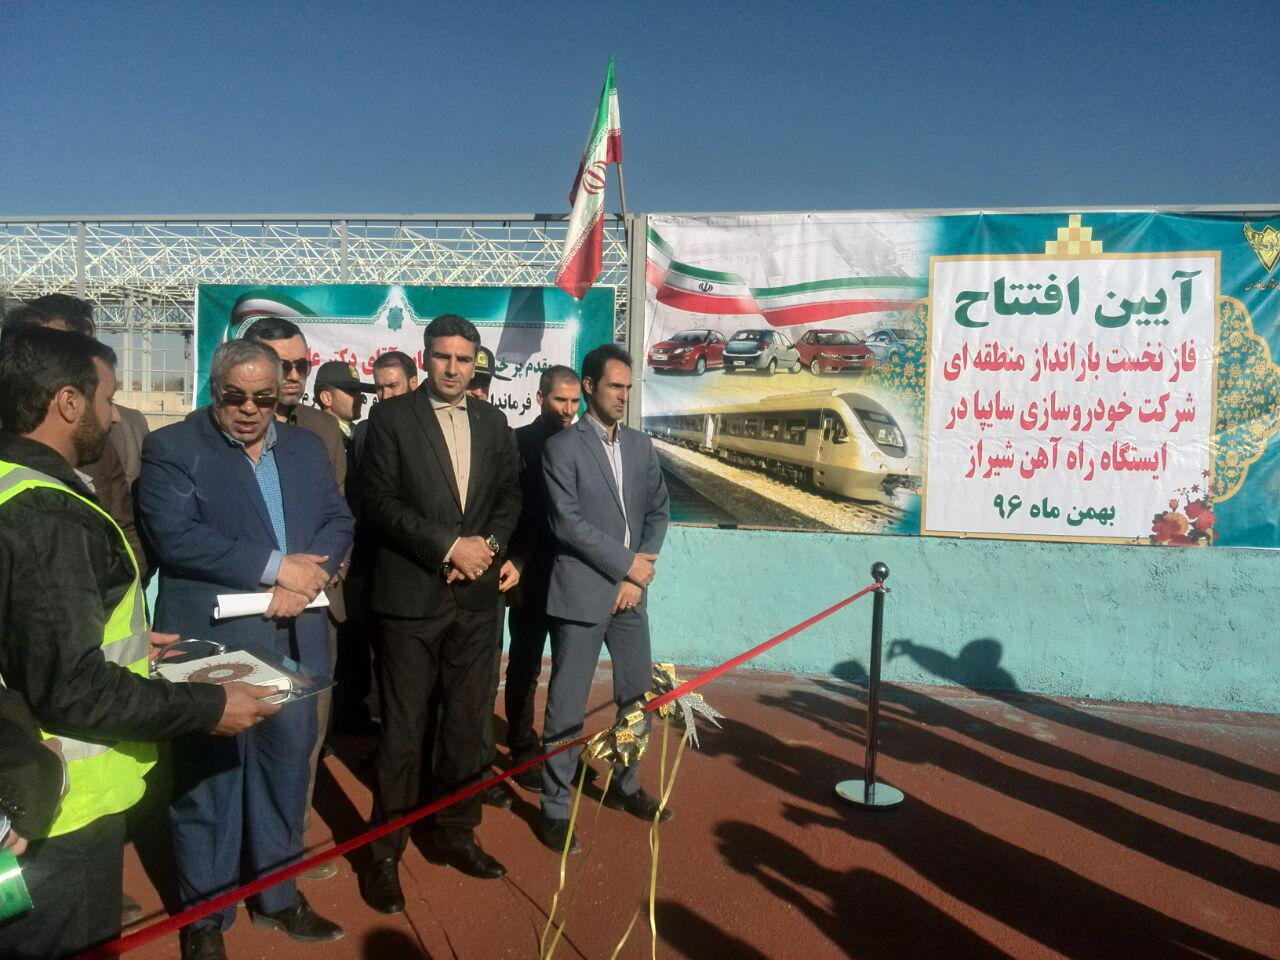 ۱۵۰شغل رهاورد راه اندازی بارانداز خودرو در ایستگاه راه آهن شیراز